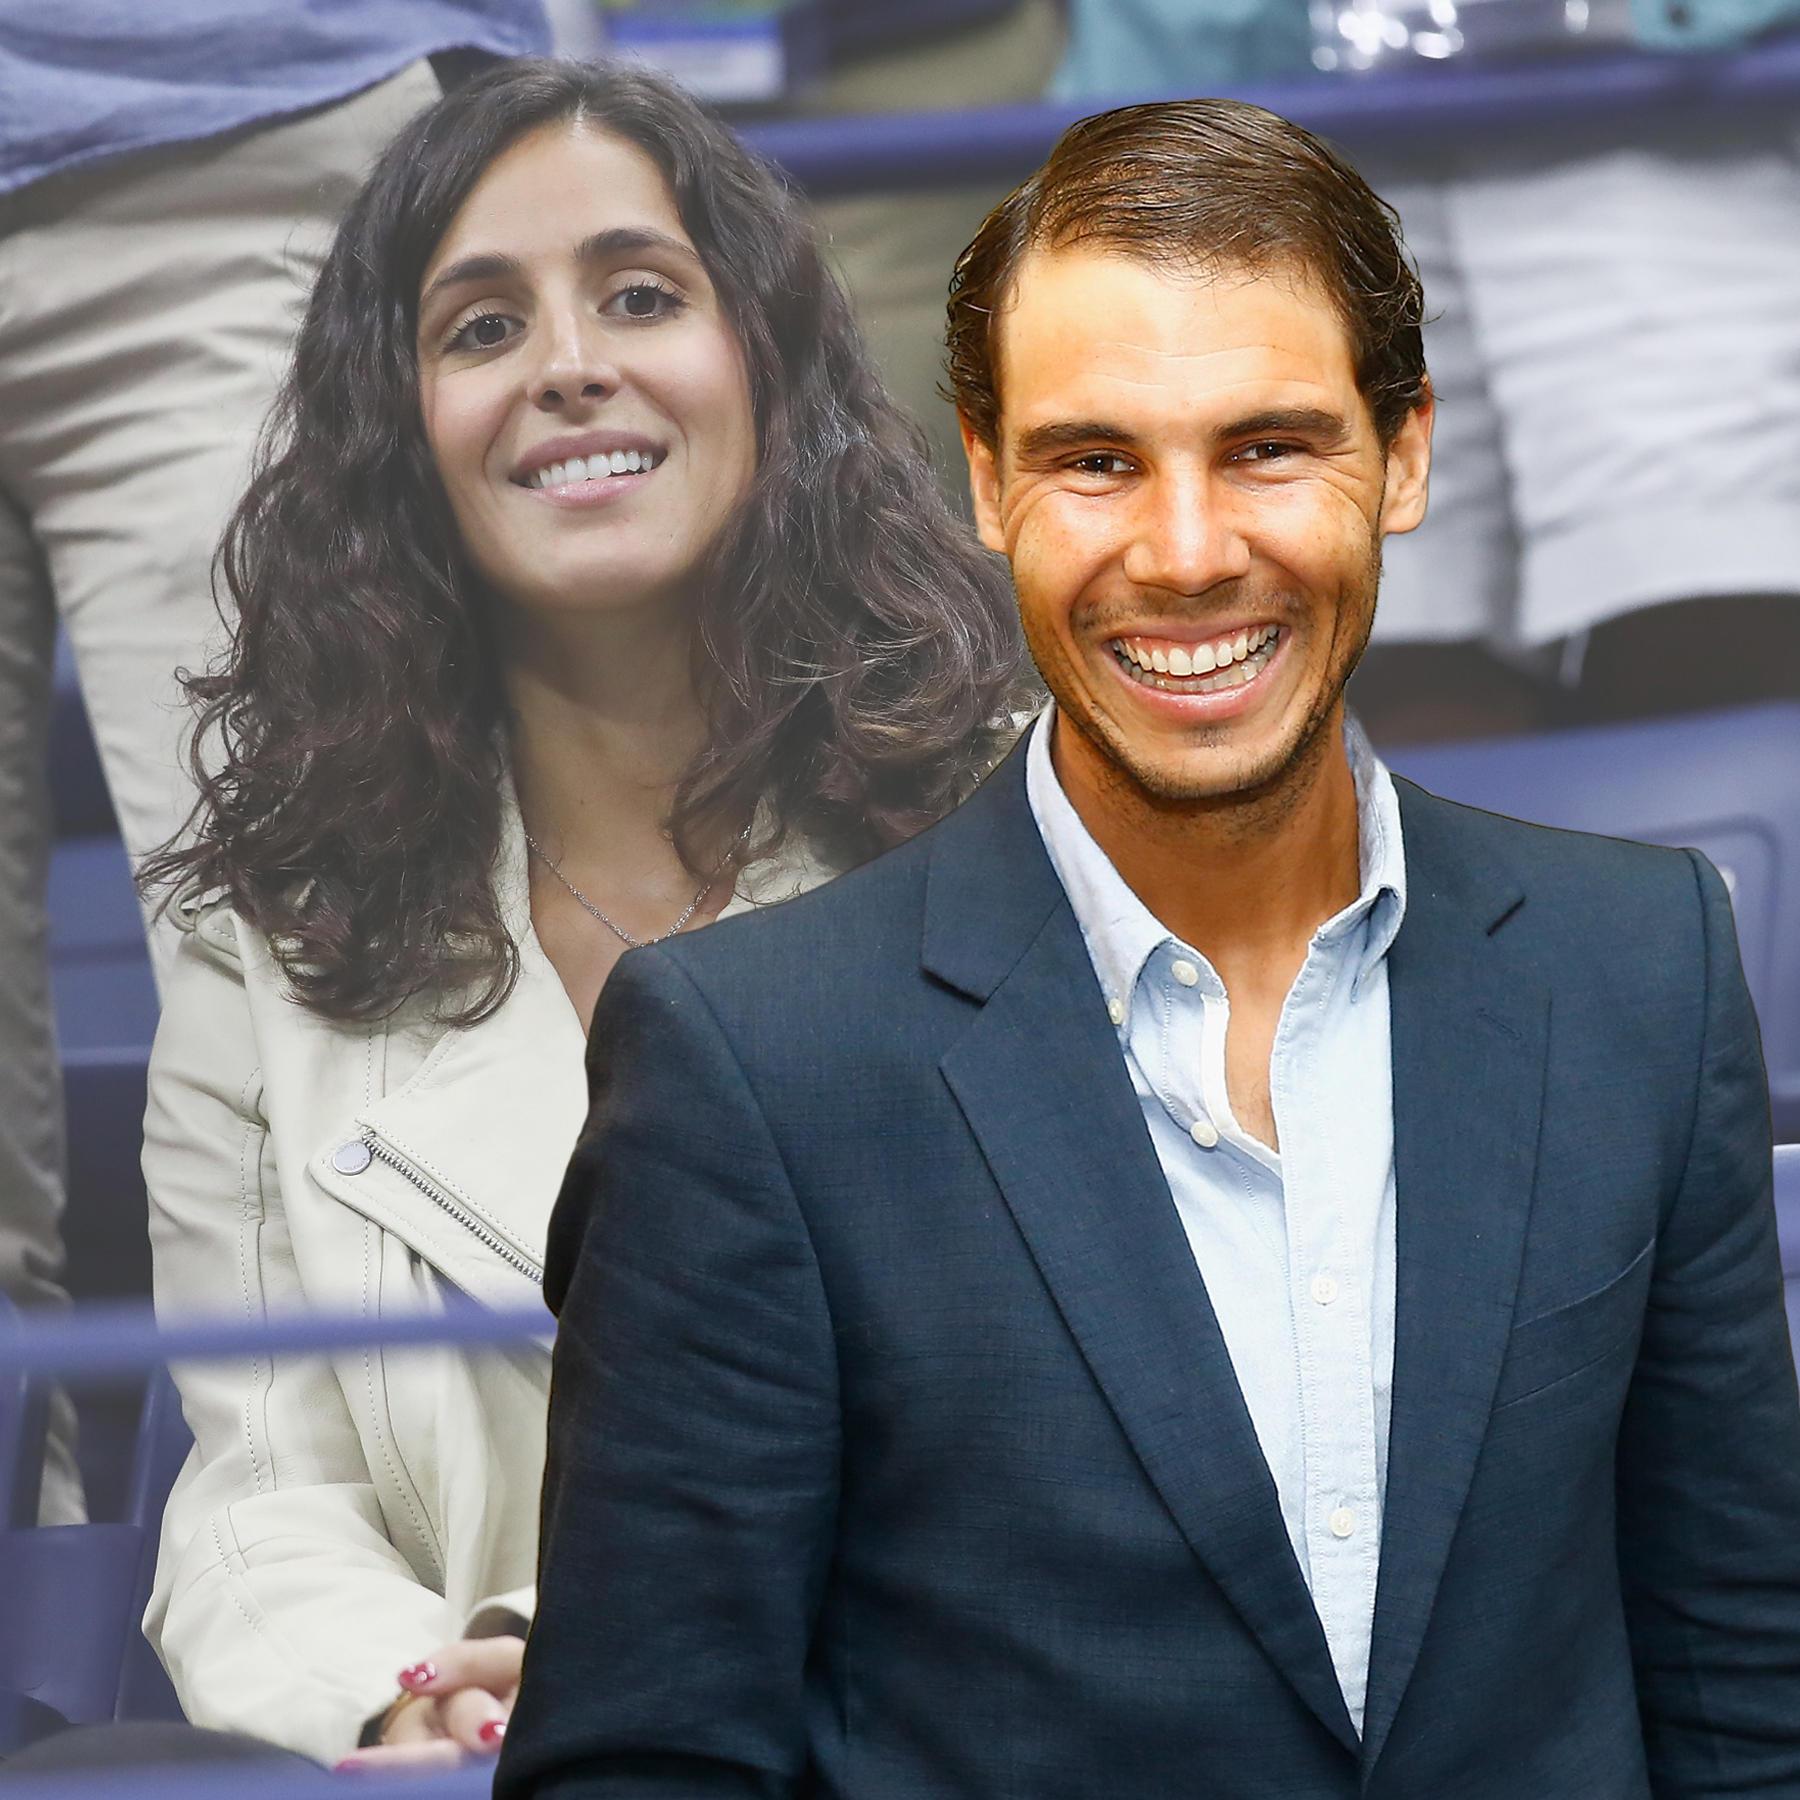 Xisca Francisca Perelló und Rafael Nadal